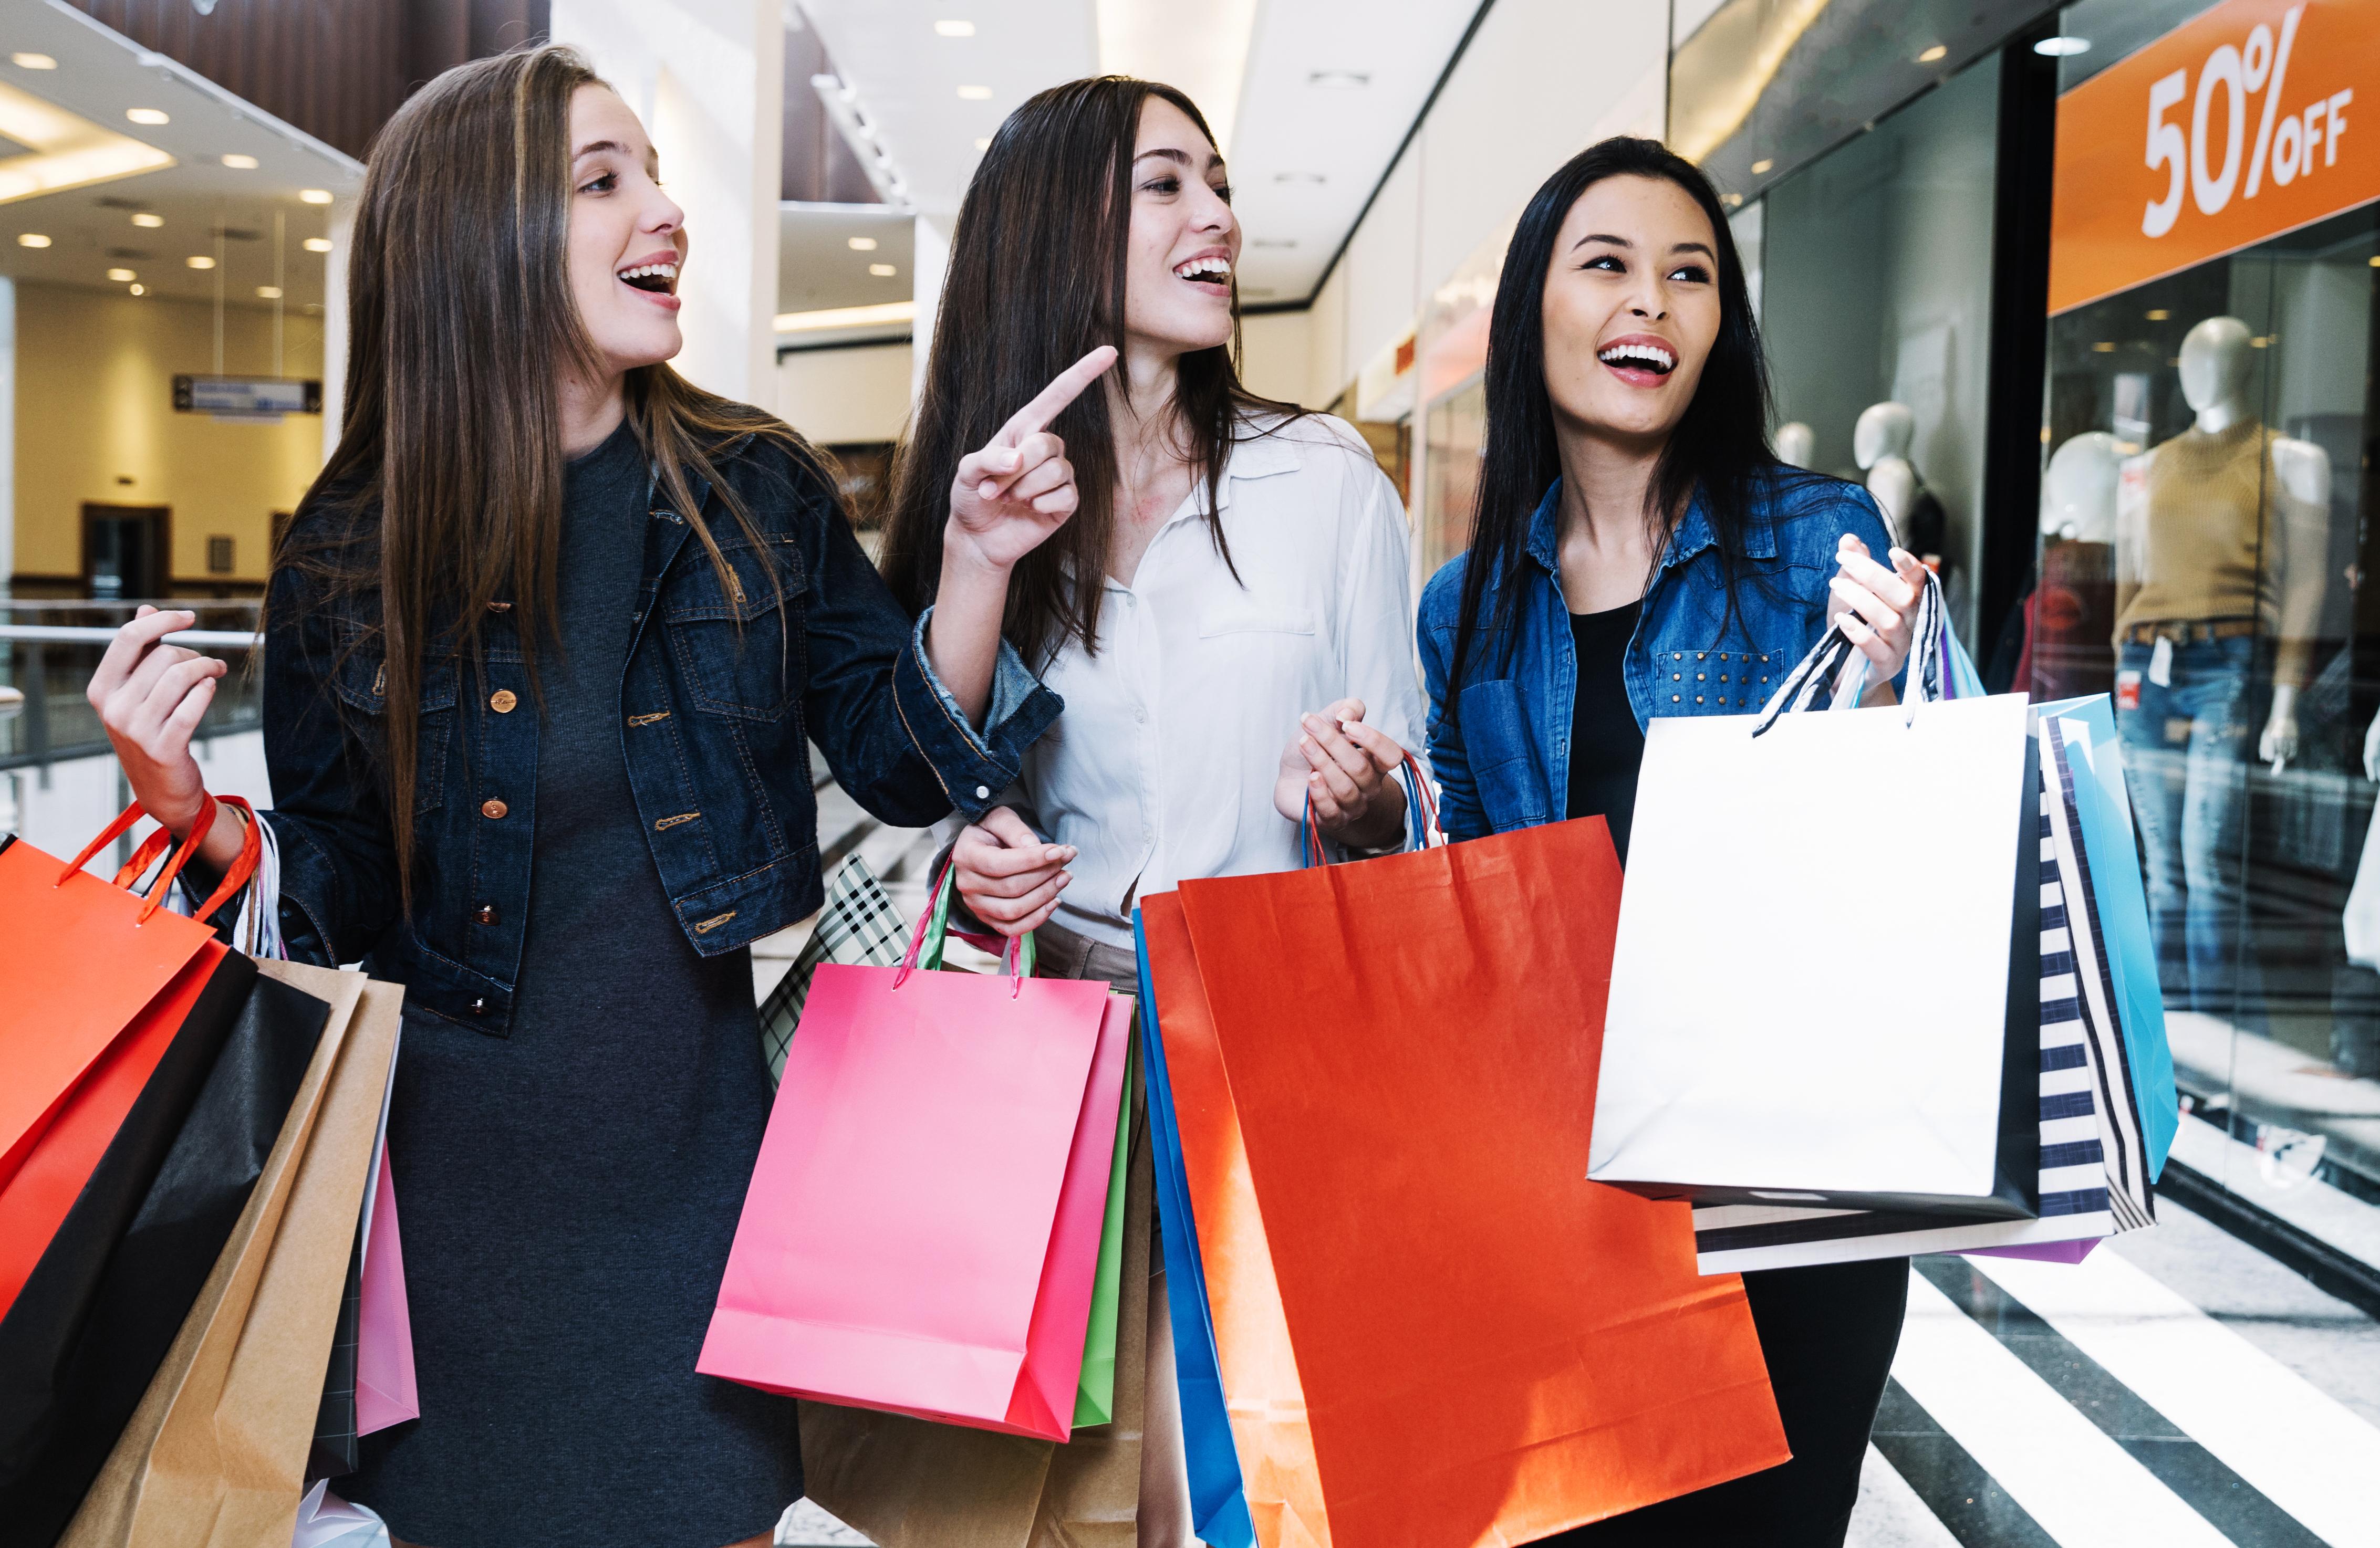 Závislost na nakupování ohrožuje finanční rozpočet.